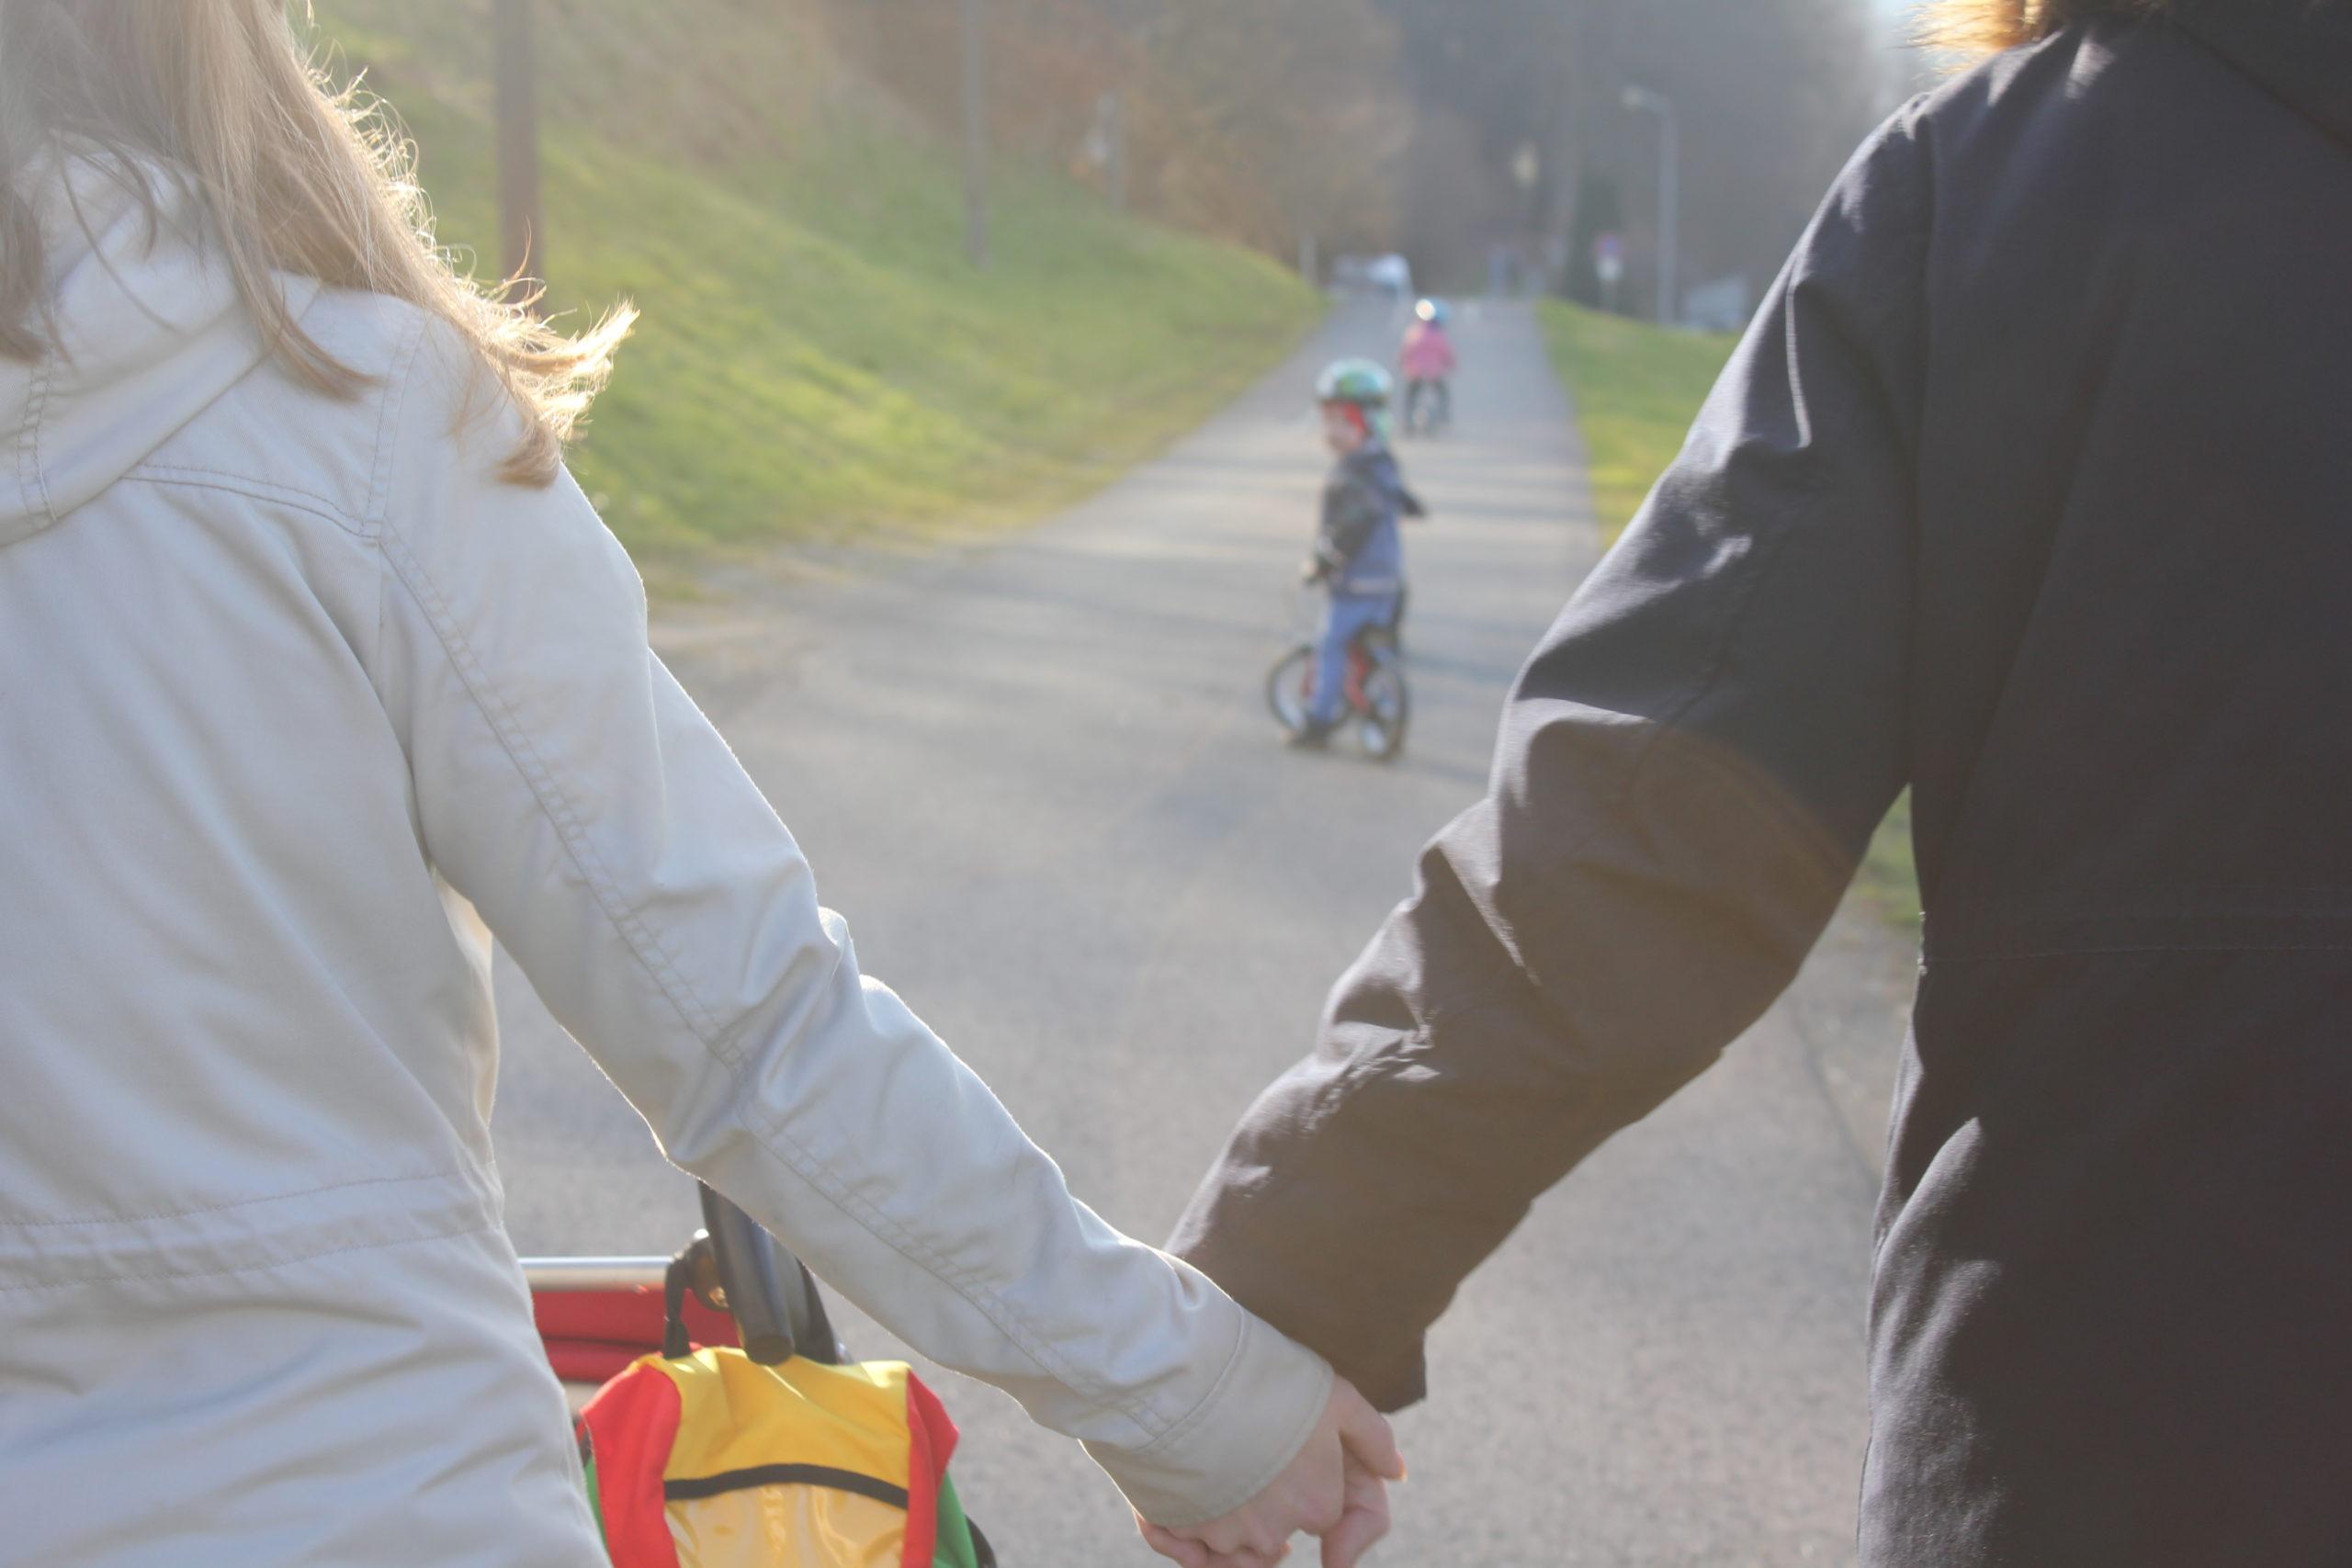 Ehe-und Familienarbeit, LAM, Ehekurse Schmalkalden, EBK, christliche Familien Schmalkalden